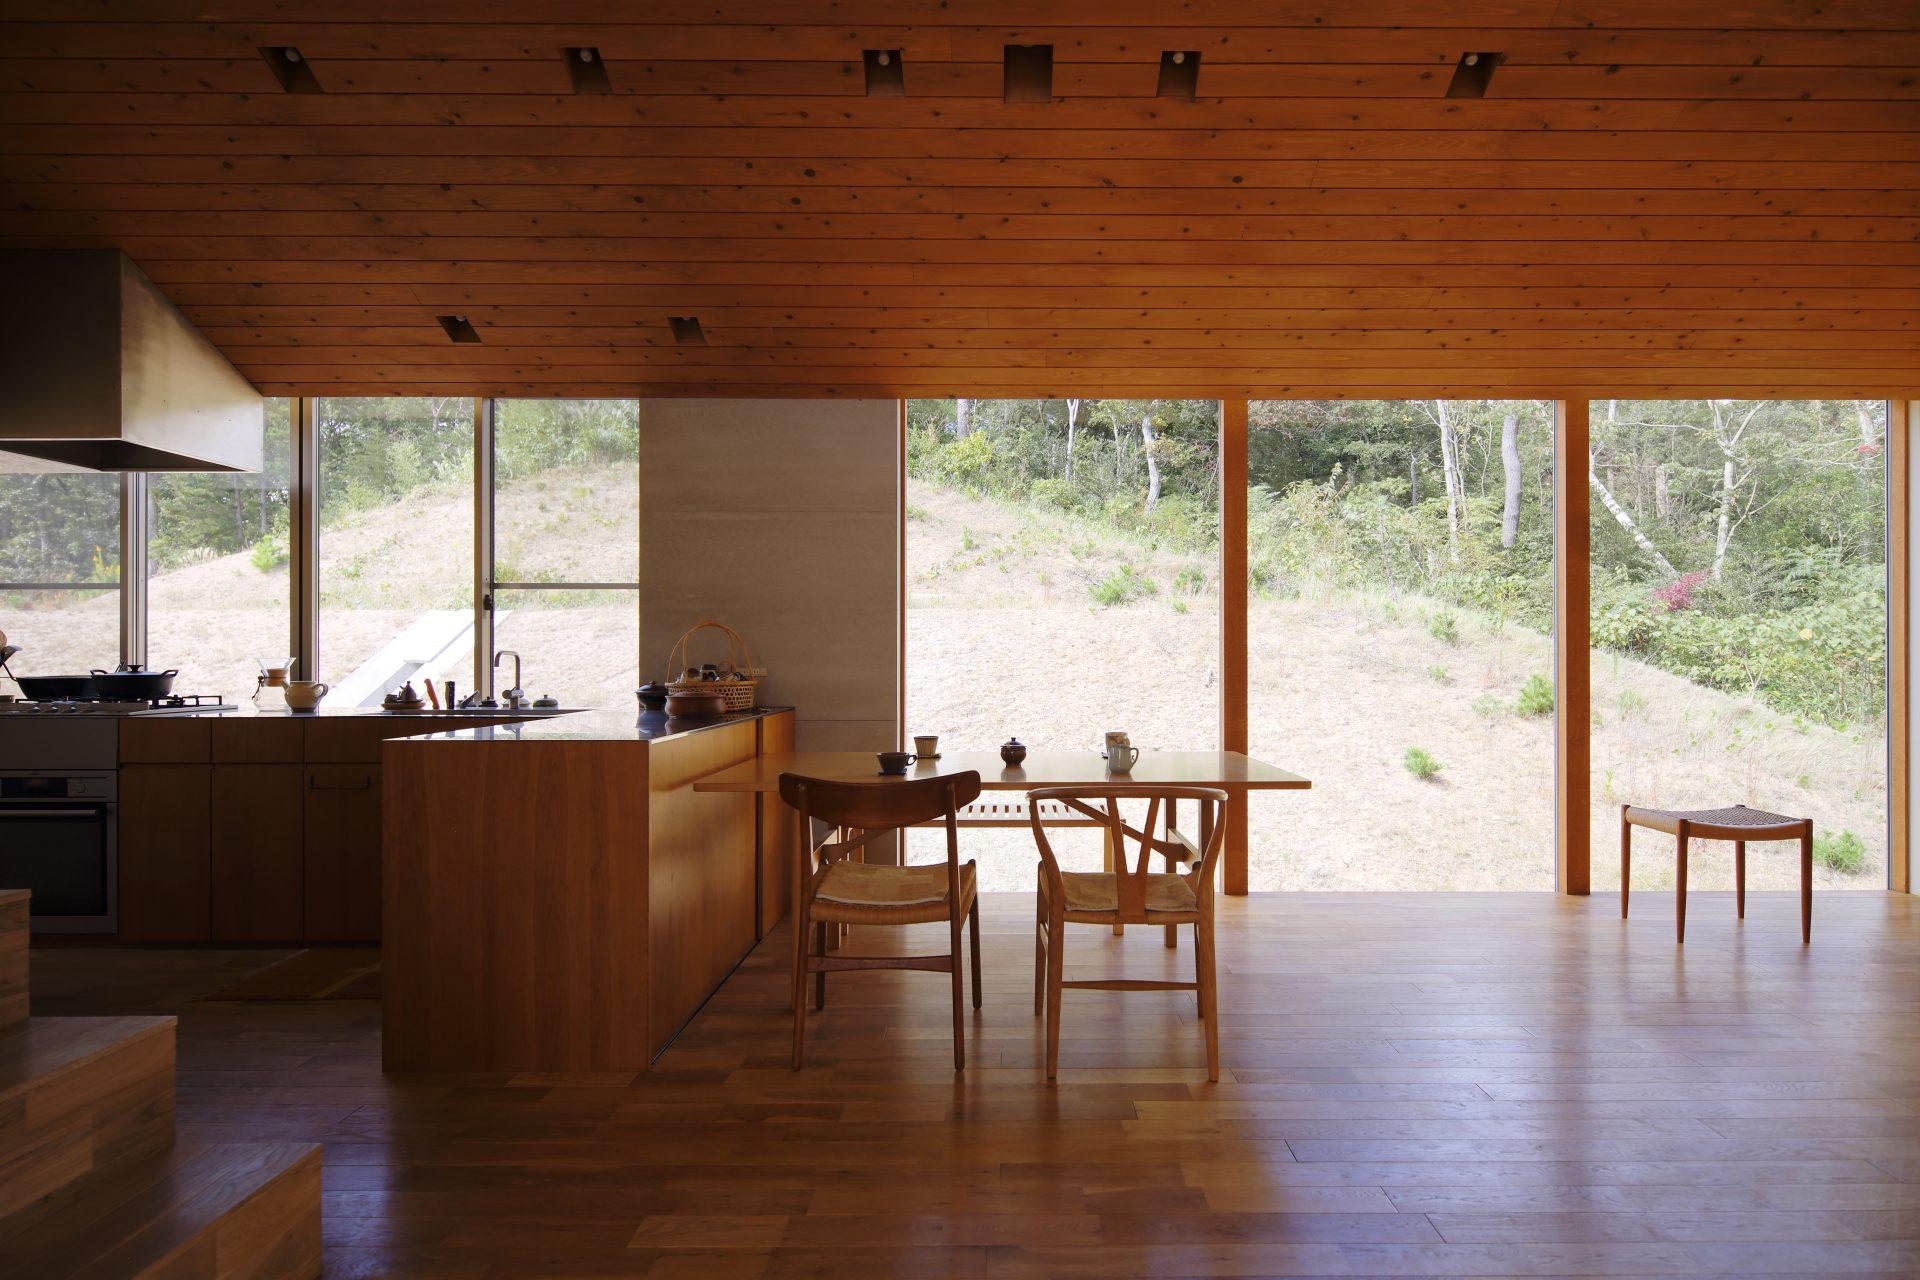 兵庫神戸北の家のダイニングキッチン01